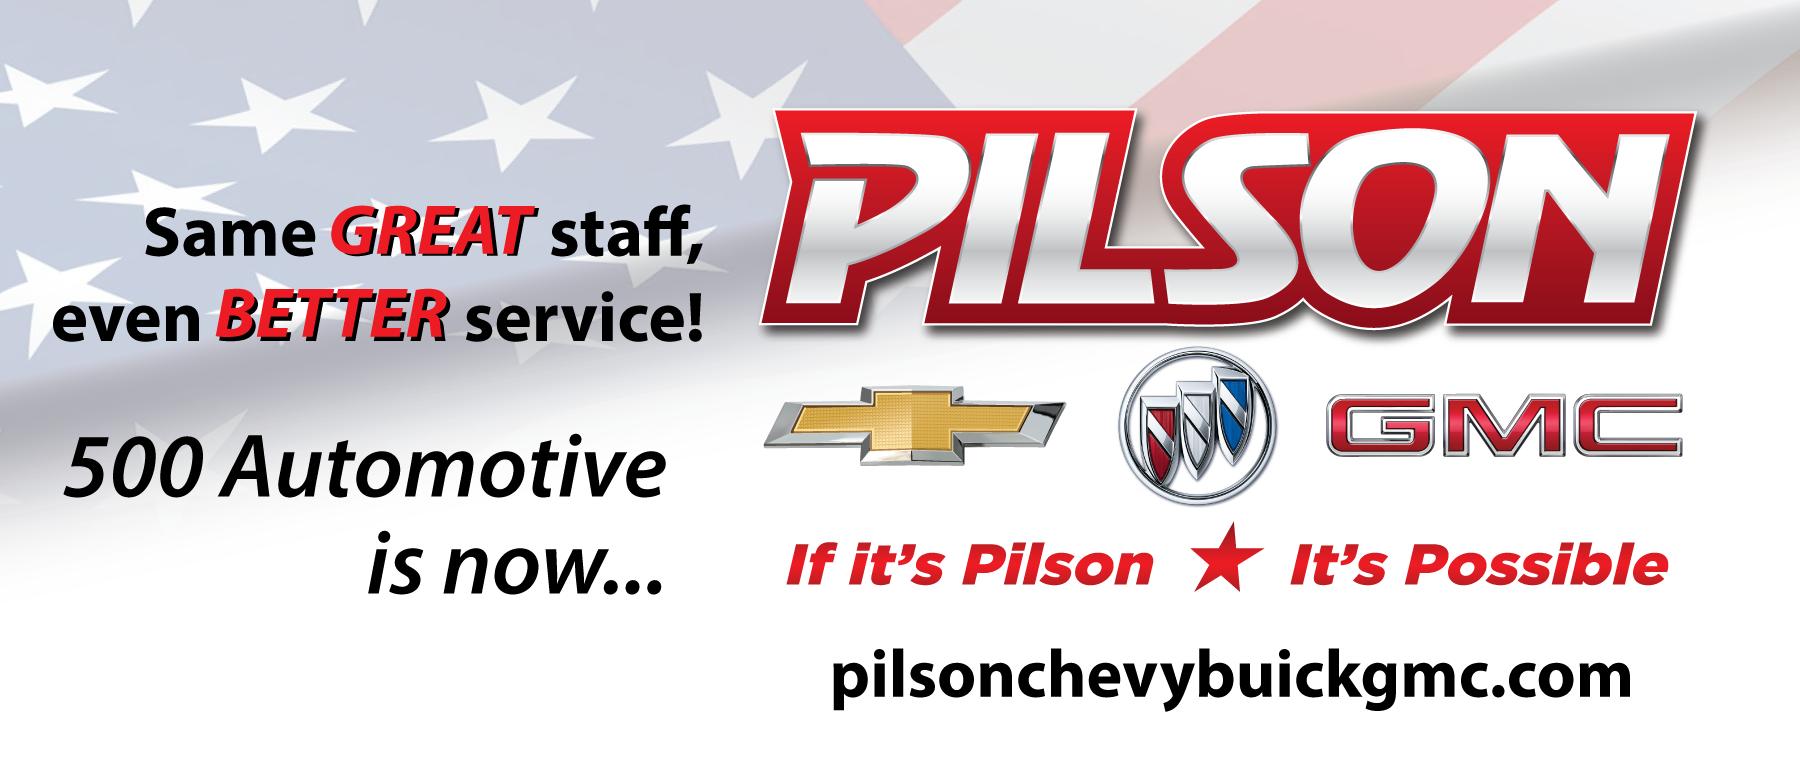 all-new-pilson-slider-4_21